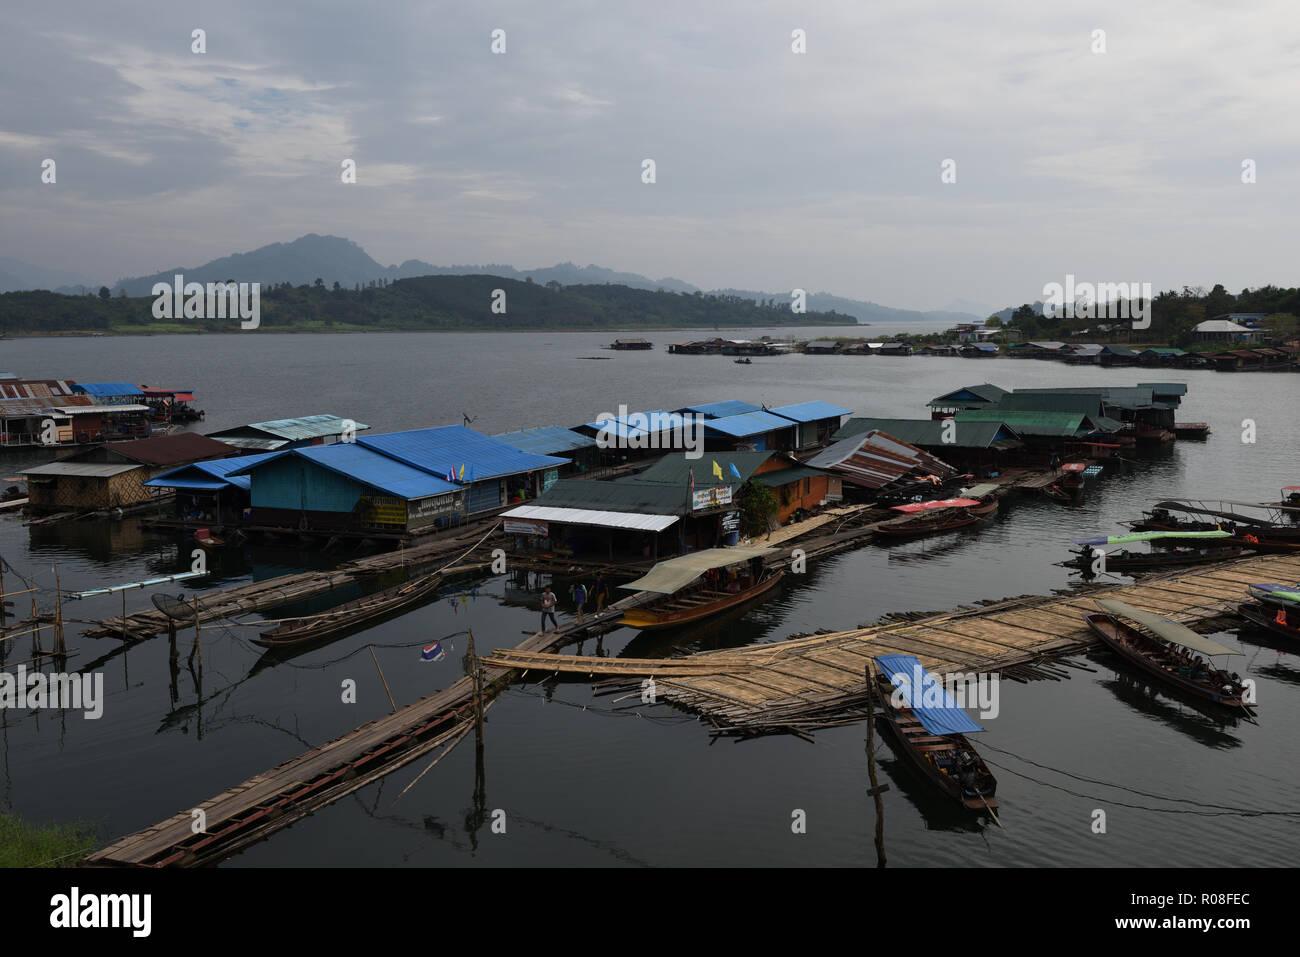 Floating houses, Sangkhlaburi, Kanchanaburi Province, ThailandStock Photo